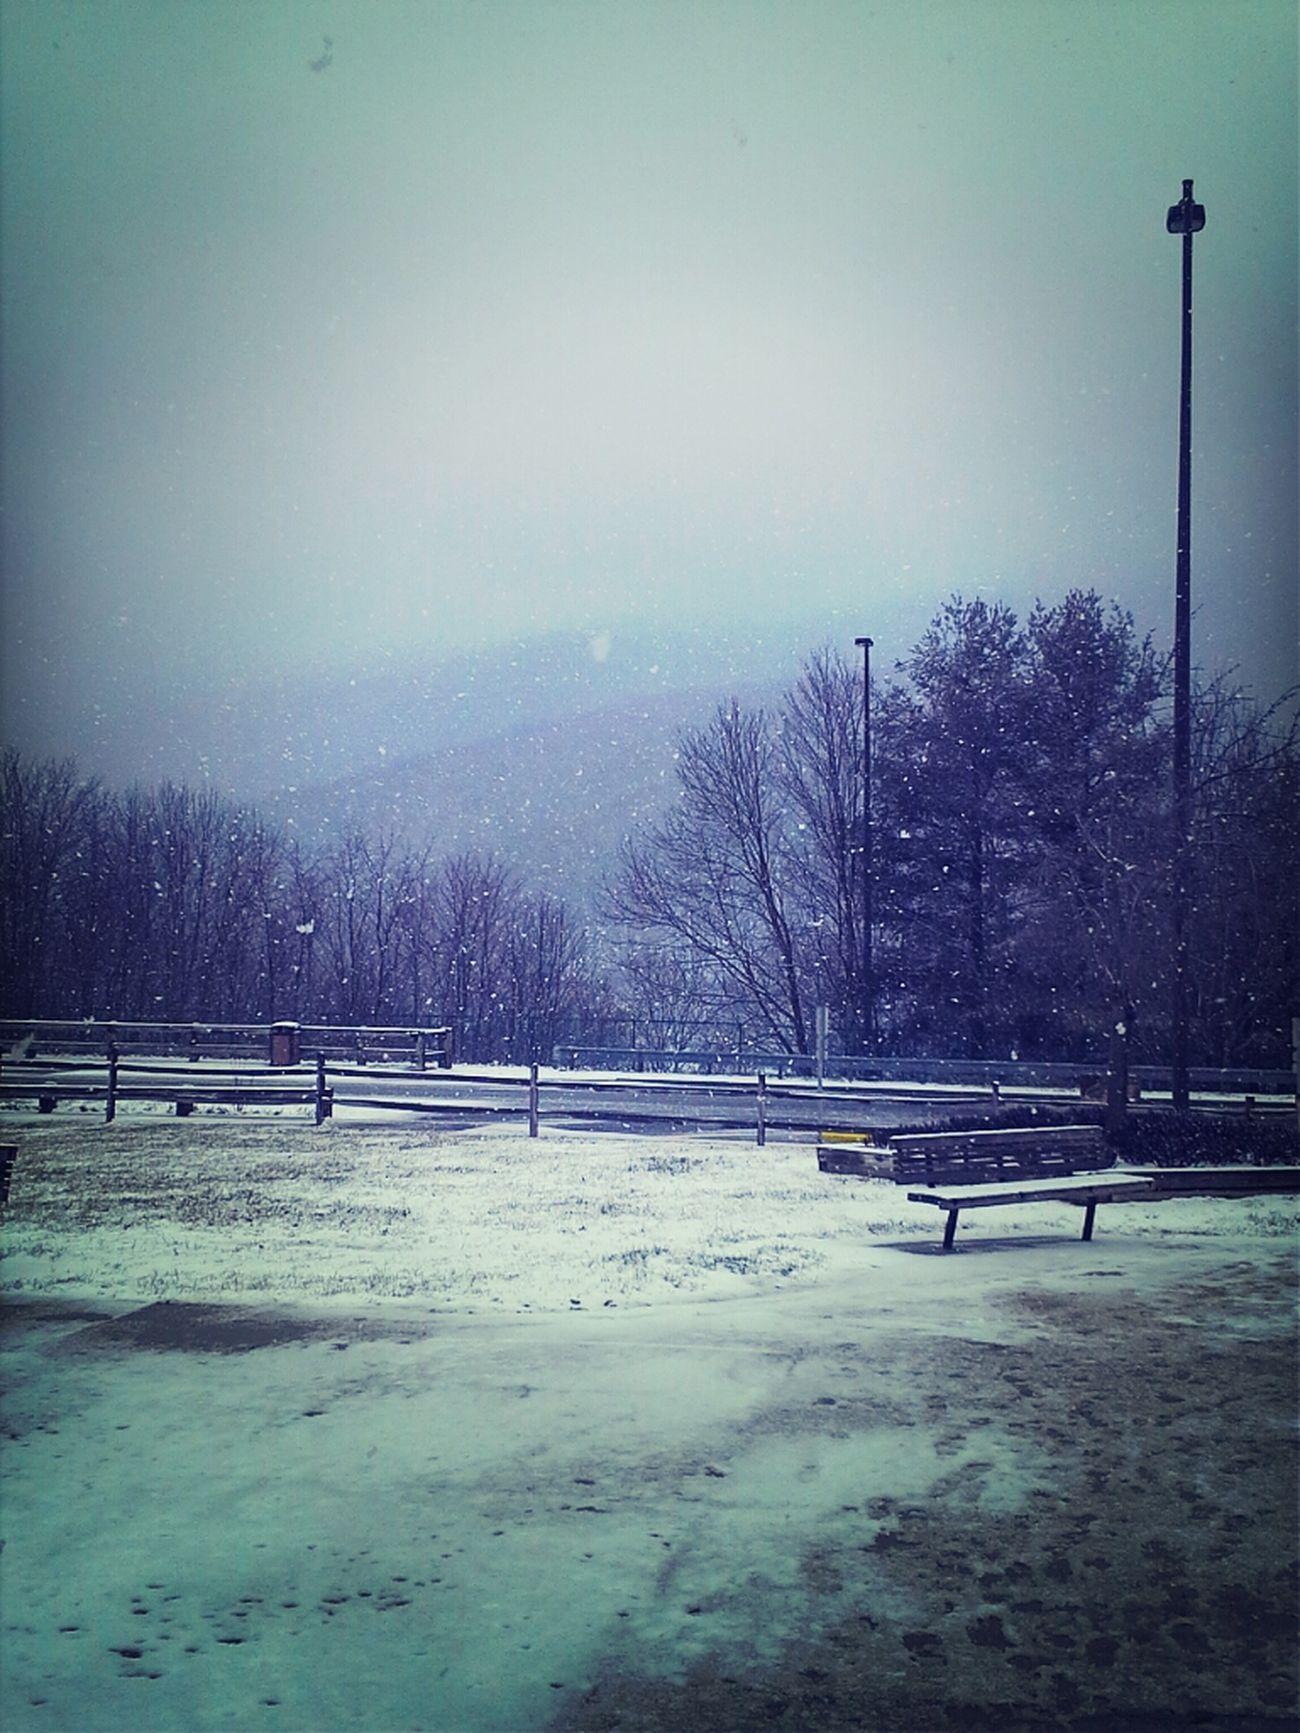 Wheres spring?